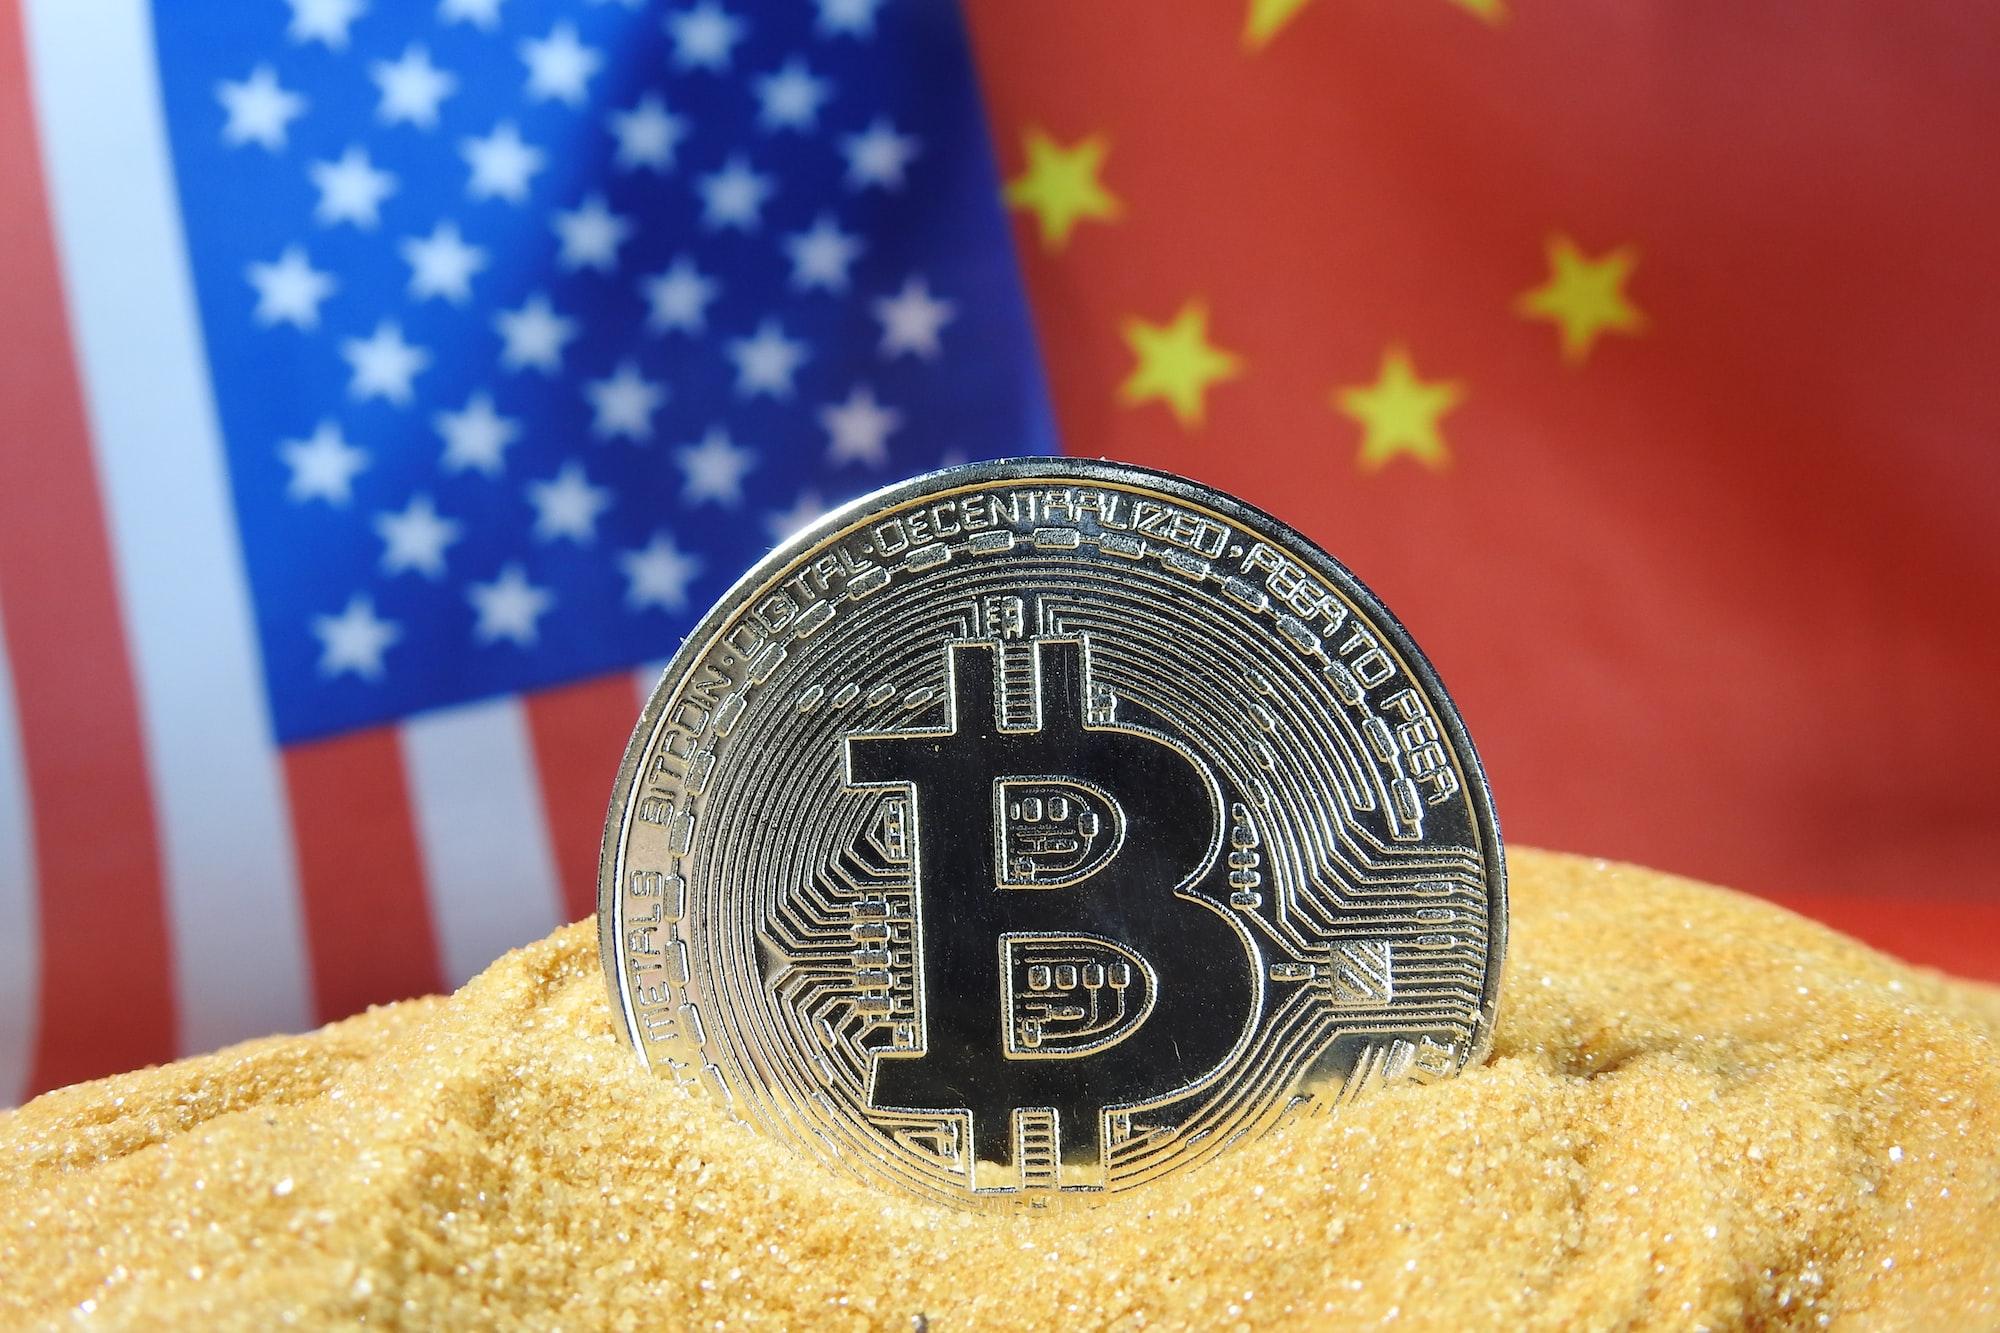 Dlaczego Chiny zakazały kozystania z Bitcoina?